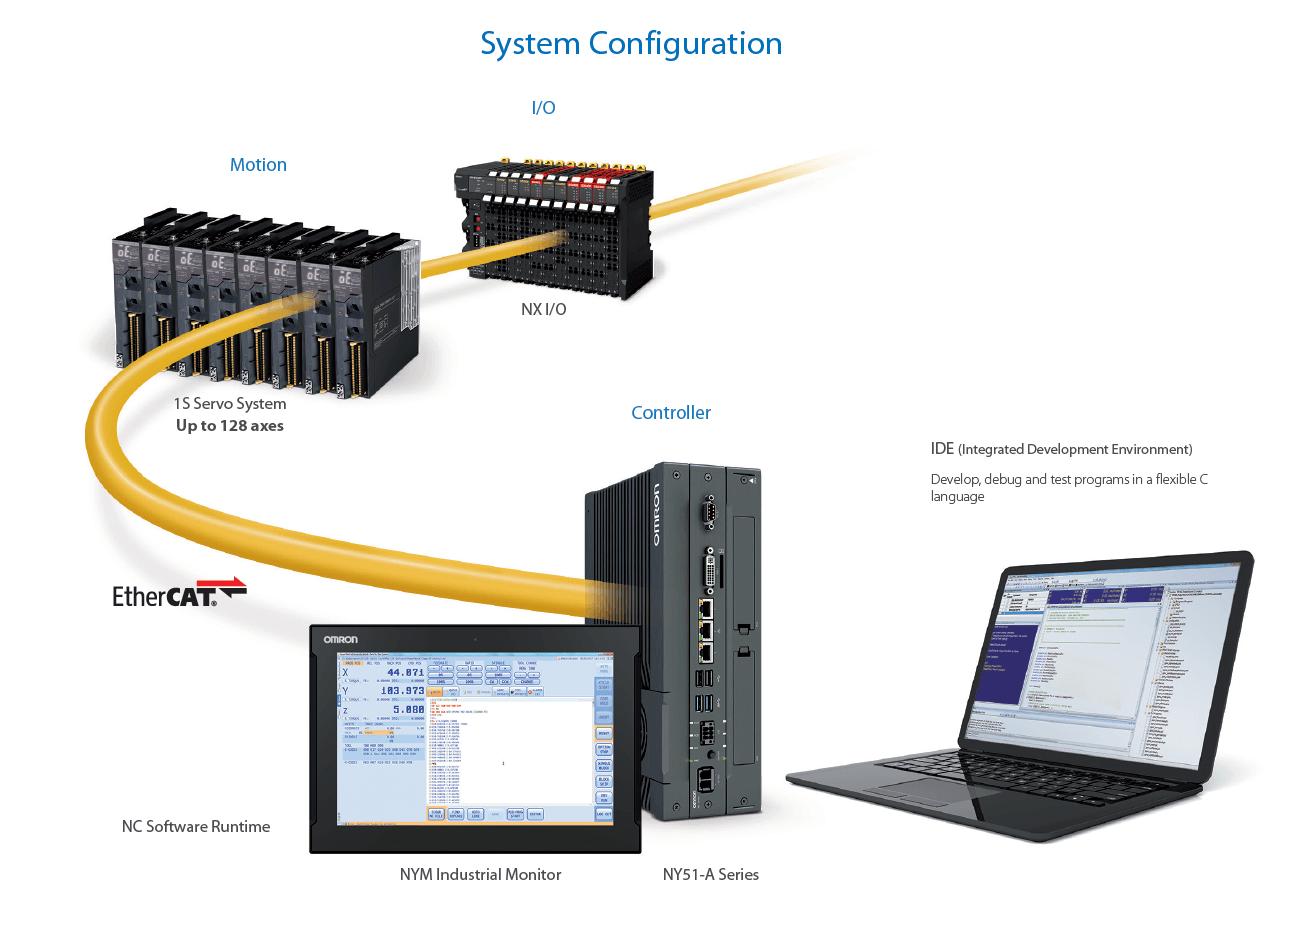 ny51-a system configuration prod